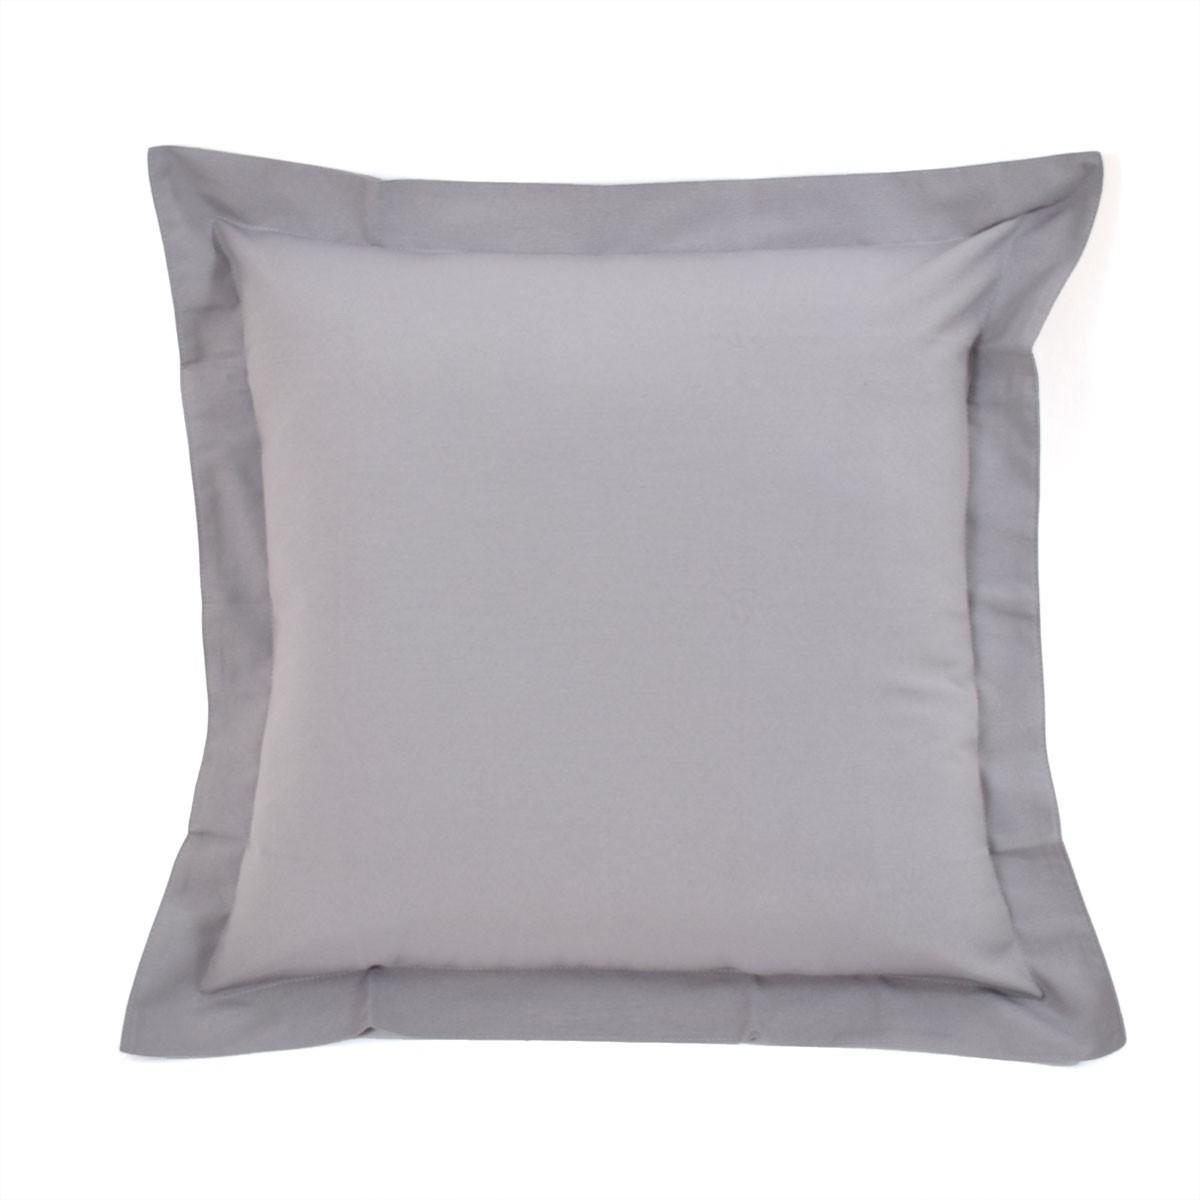 Διακοσμητική Μαξιλαροθήκη (60x60) Paleta Grey